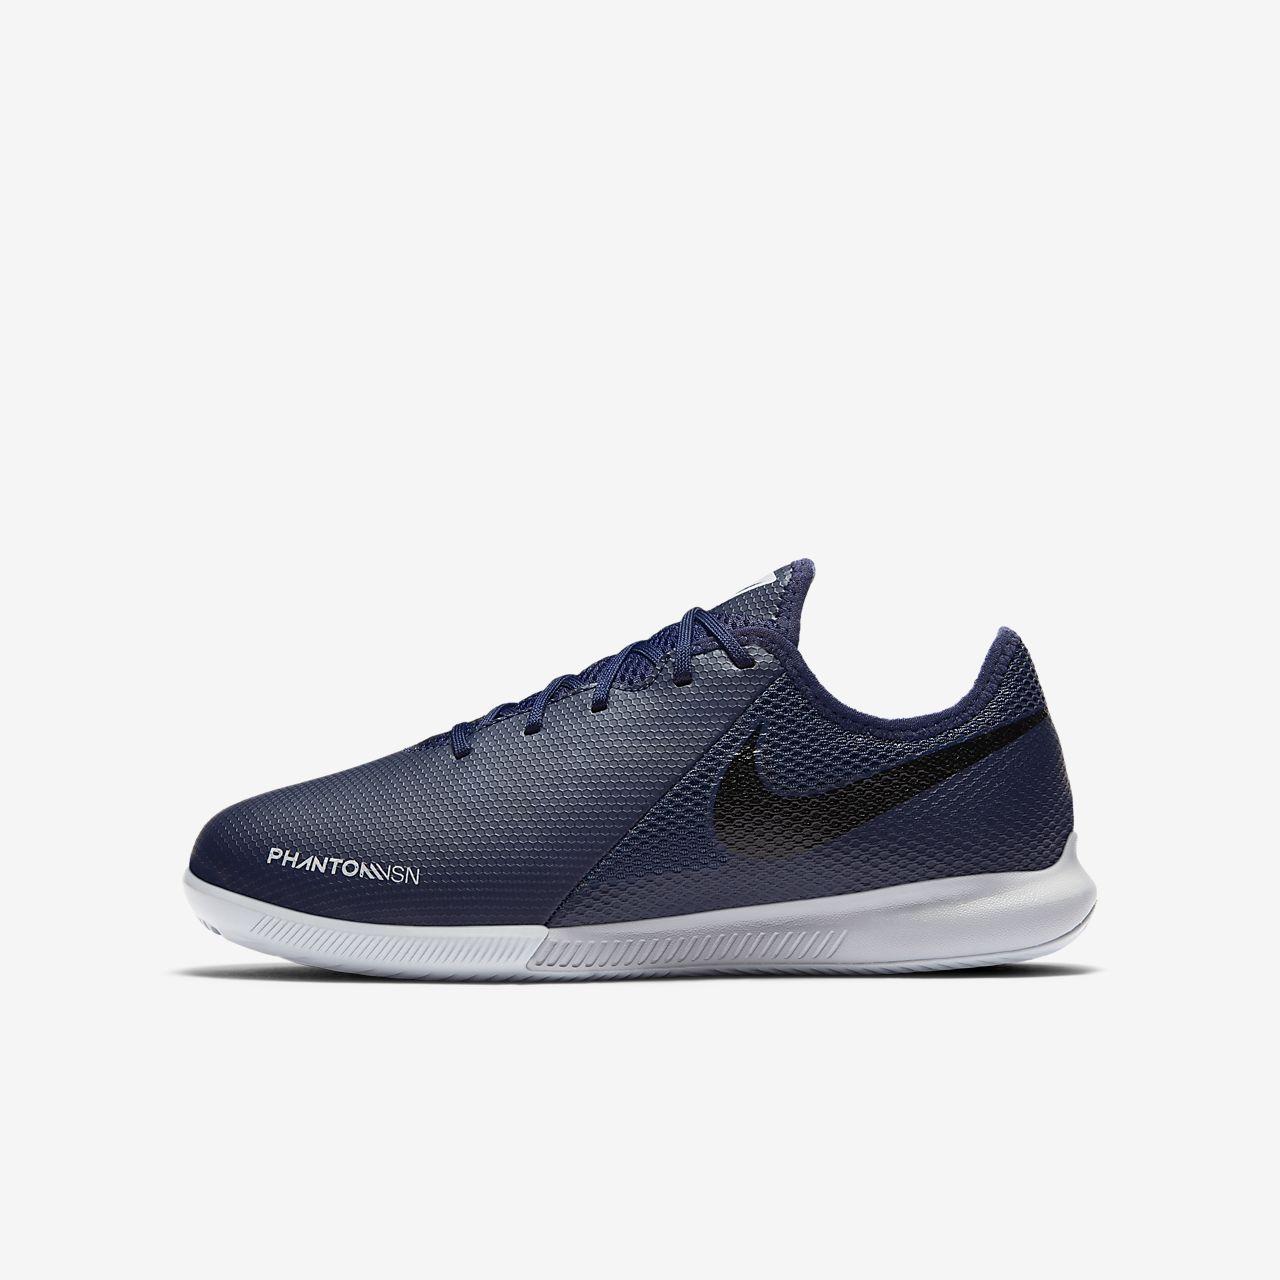 Football Chaussure Nike Jr Salle Crampons Phantom En De